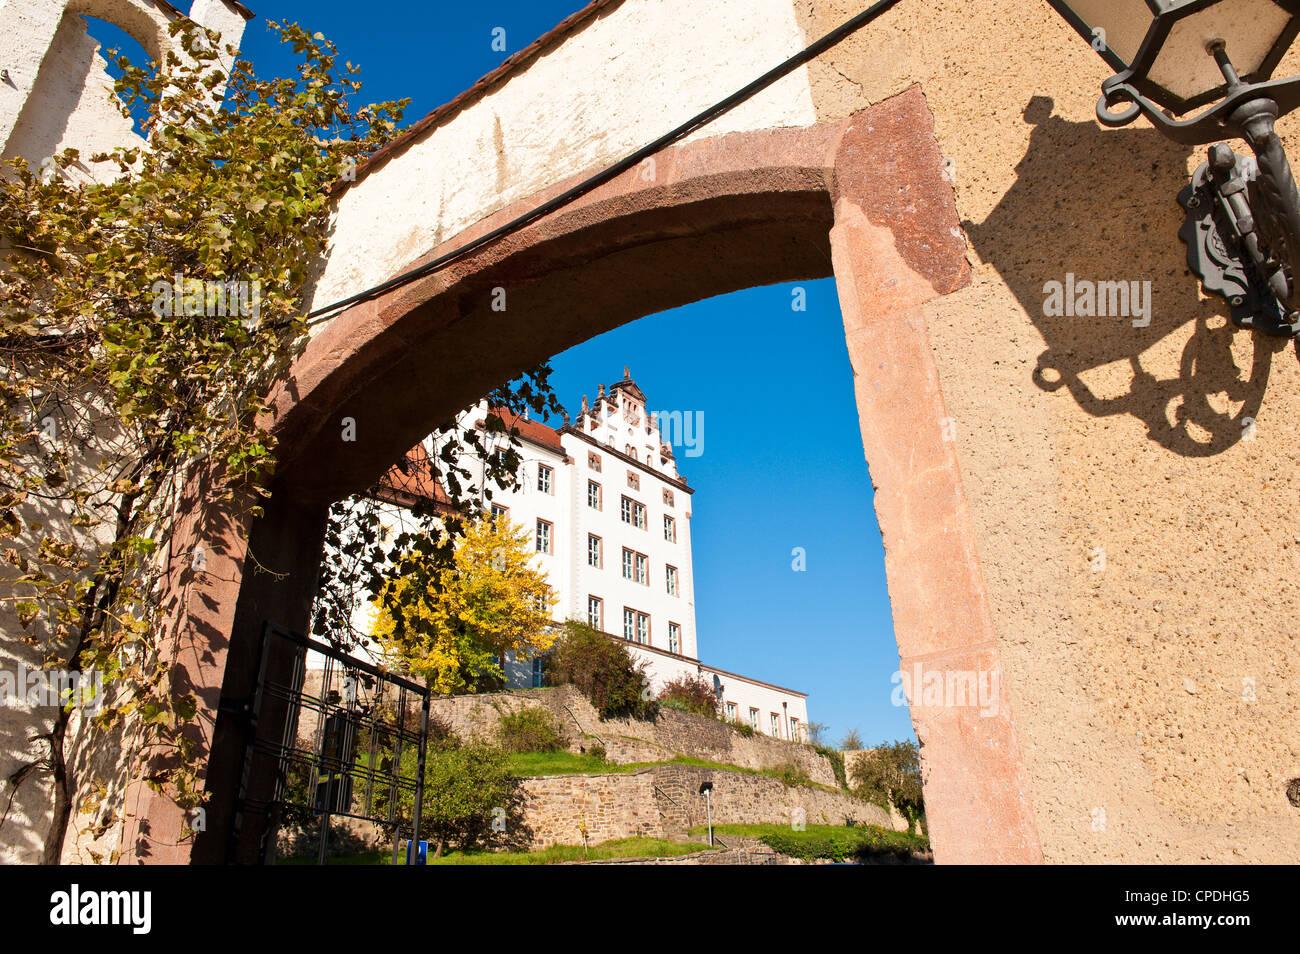 Colditz Castle, Colditz, Saxony, Germany, Europe - Stock Image